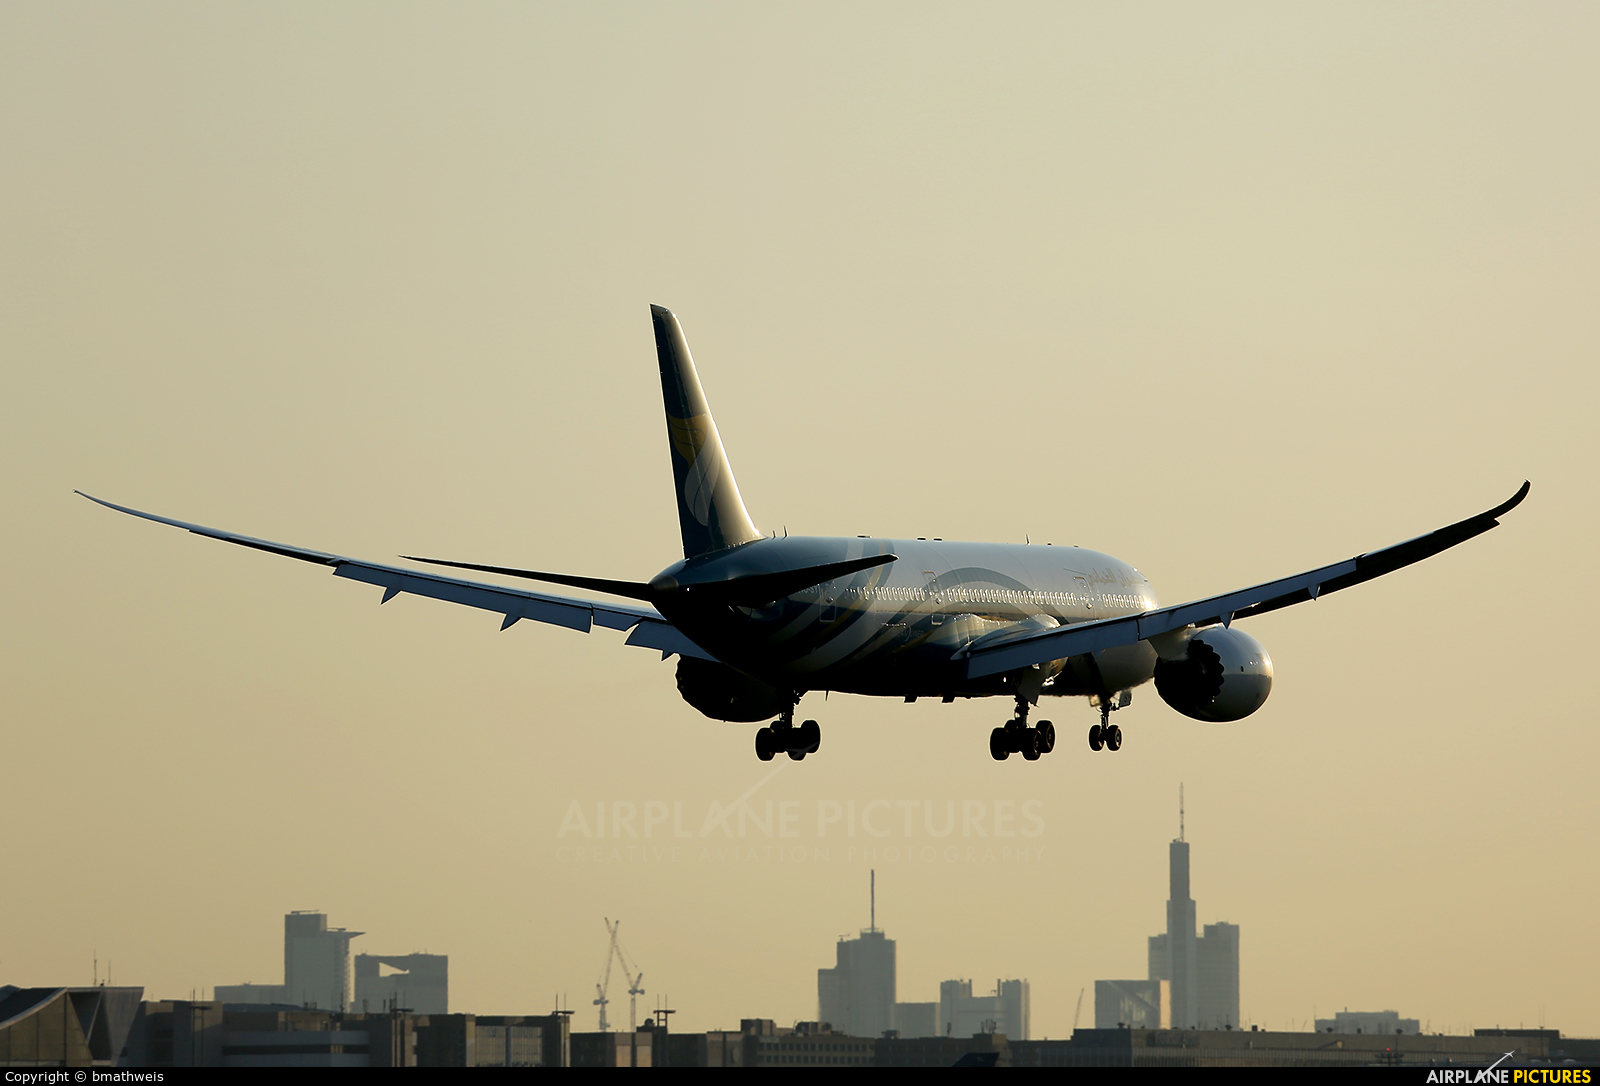 Oman Air A4O-SY aircraft at Frankfurt